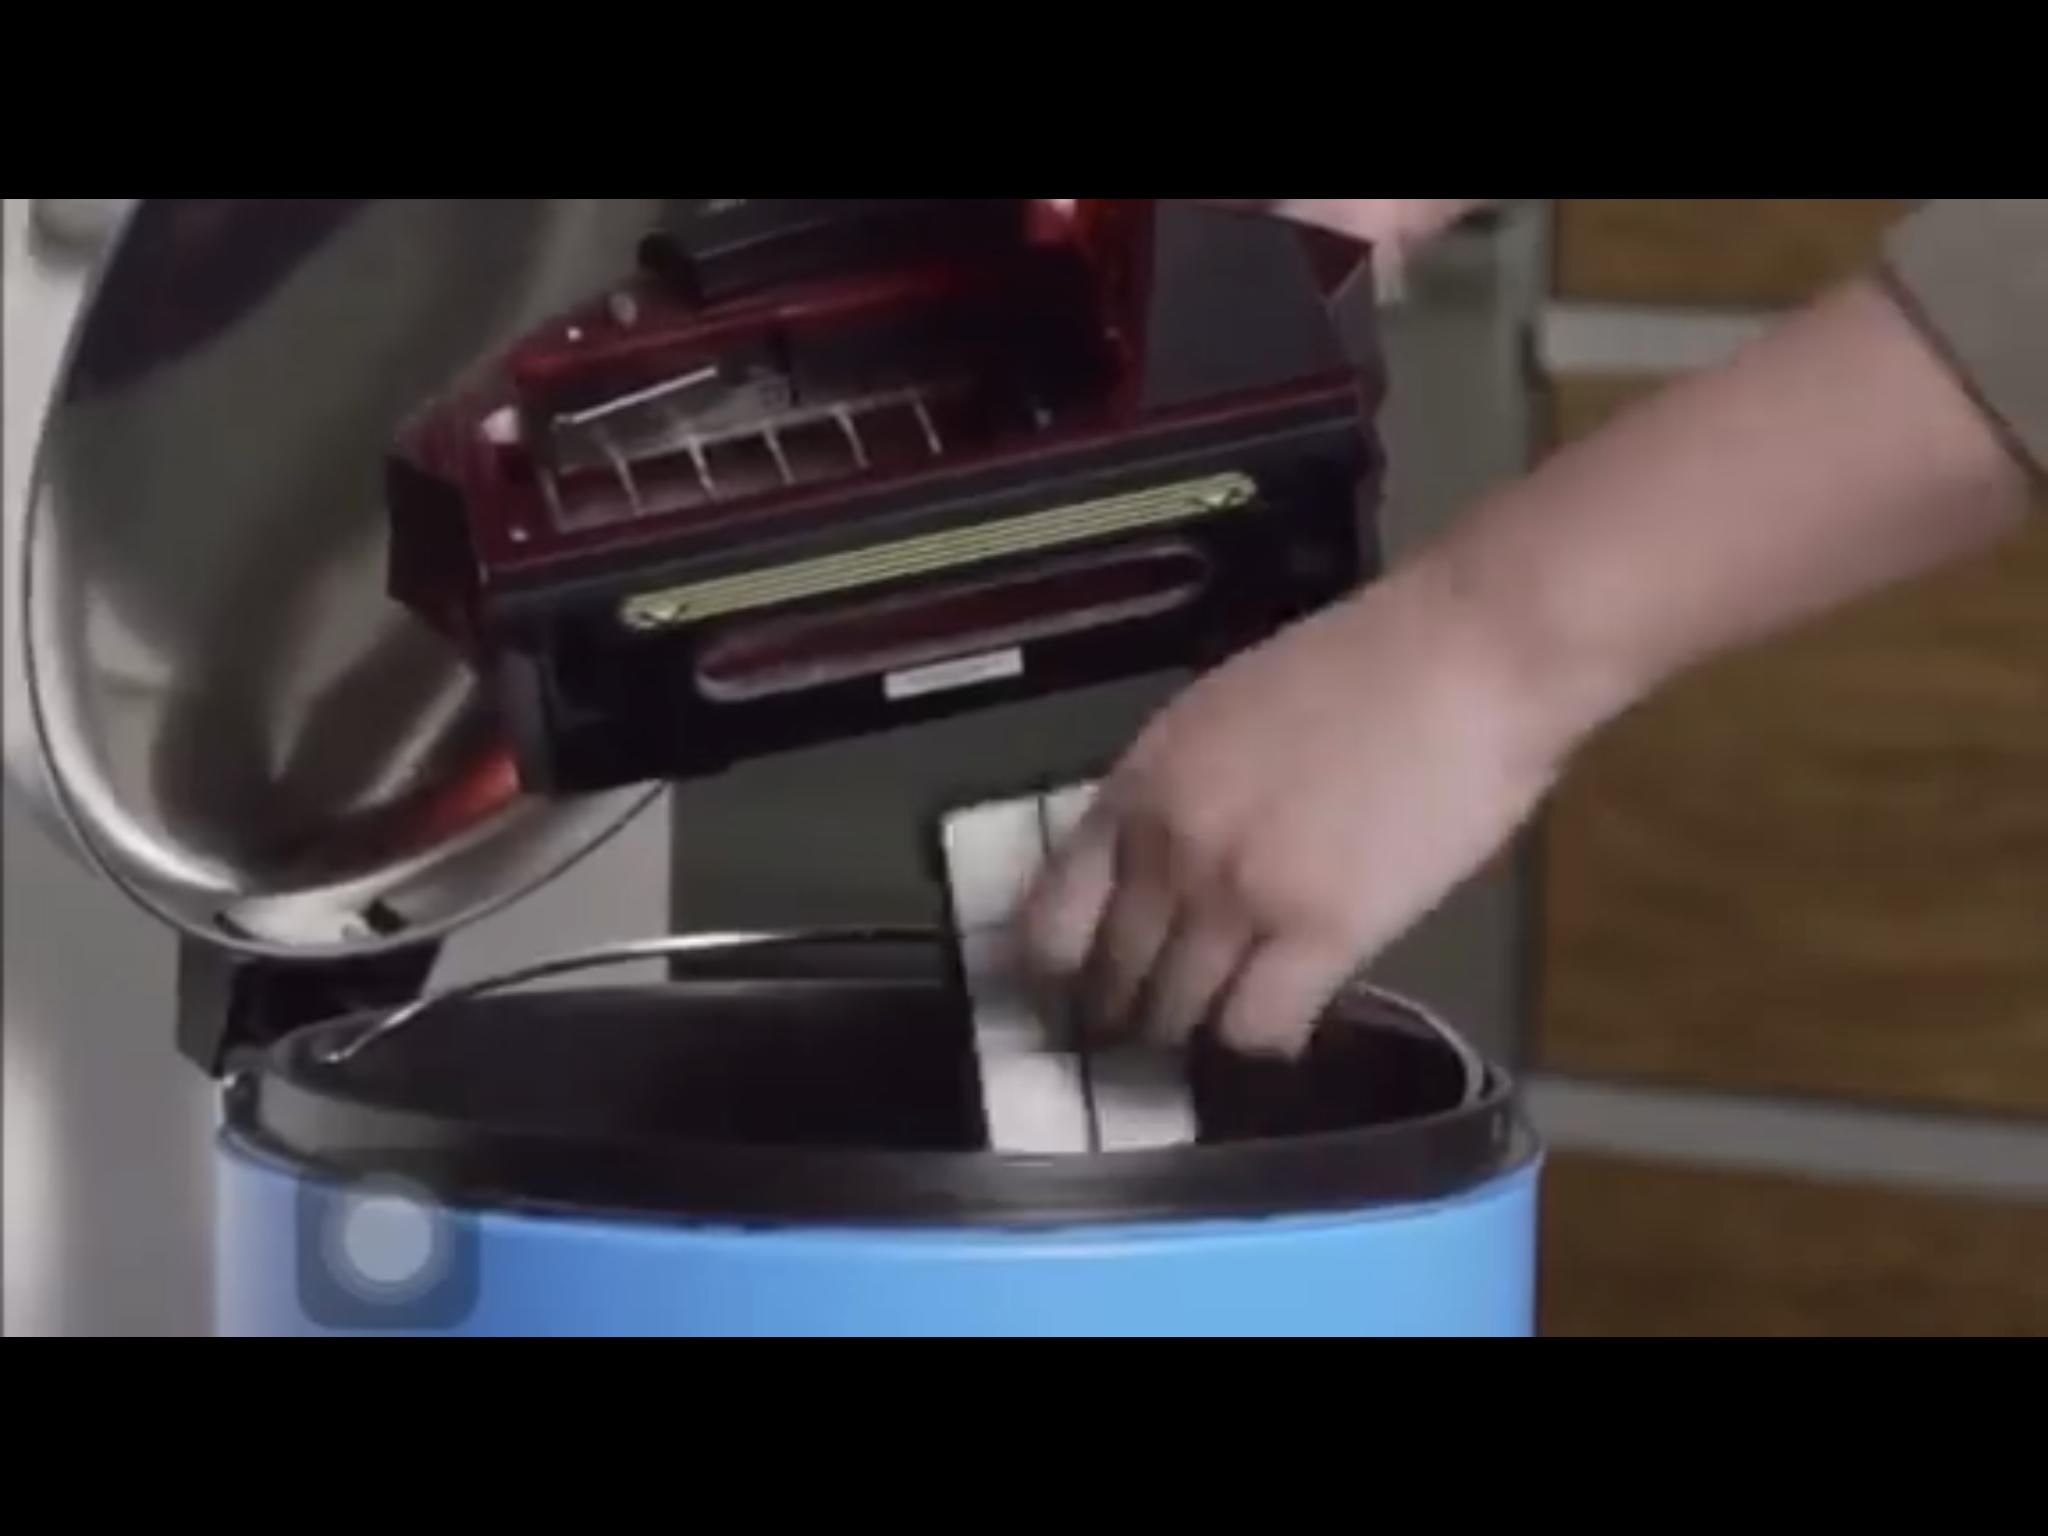 Những rắc rối từ robot dọn phòng và cách khắc phục - 3